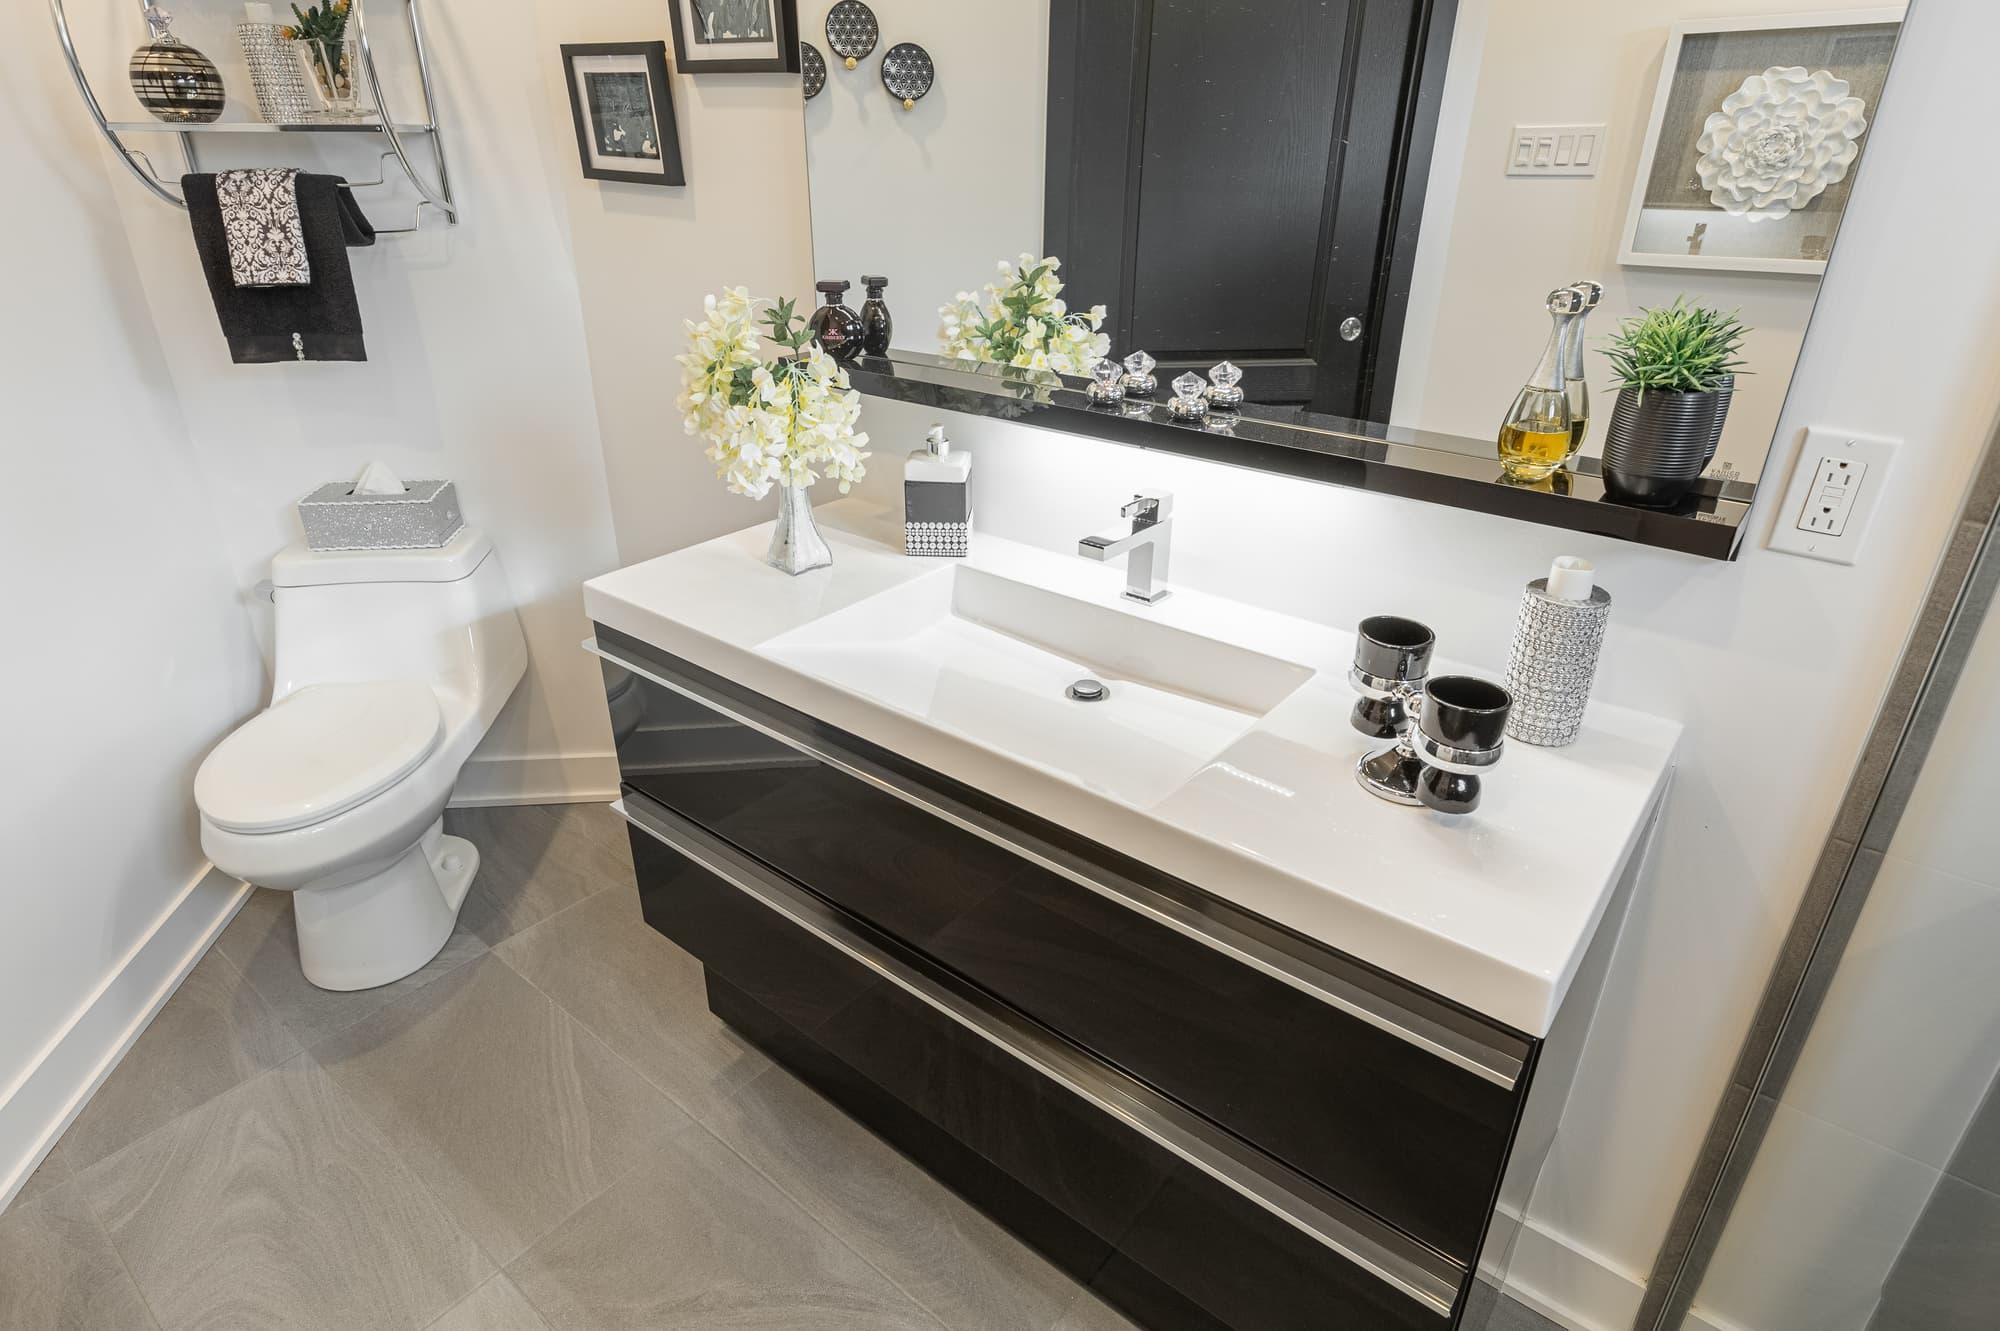 vanité de salle de bain sur mesure avec lavabo encastré blanc